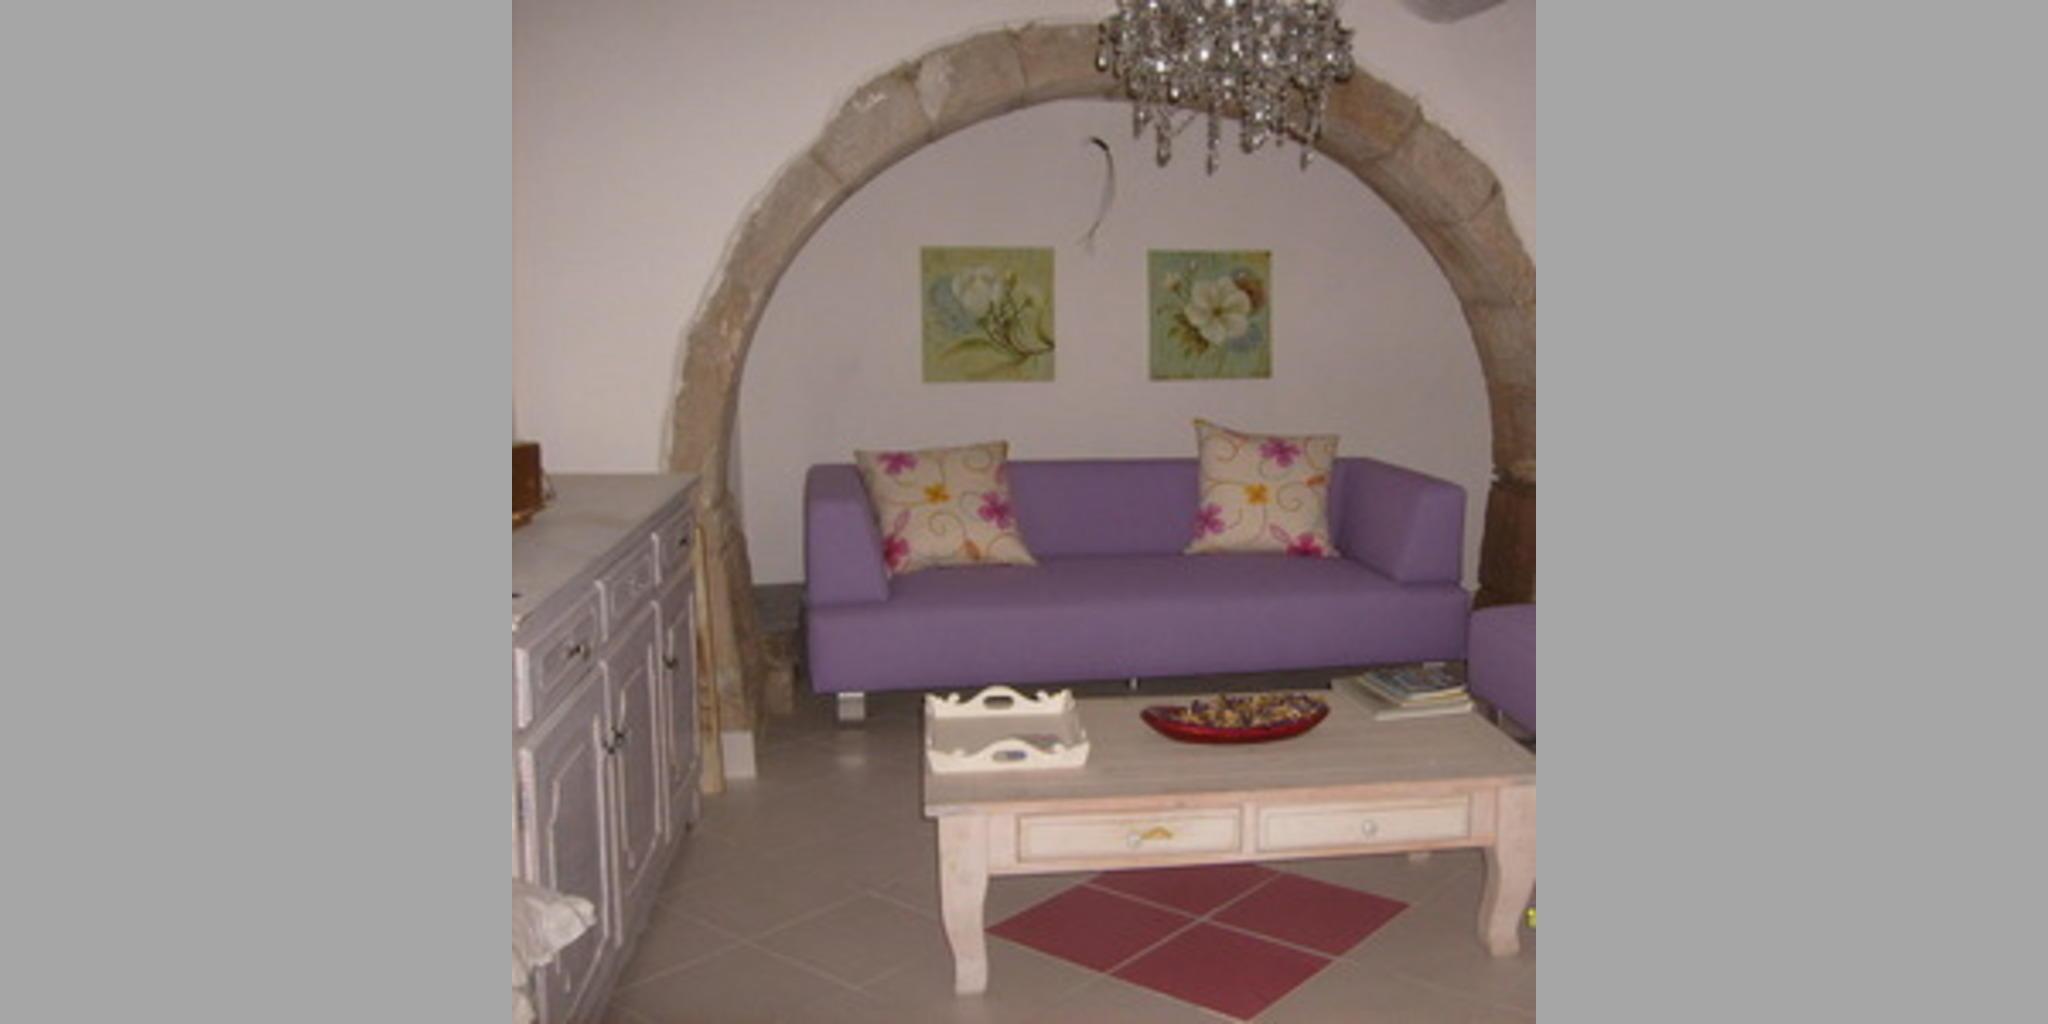 Guest House Santu Lussurgiu - Santu Lussurgiu_A